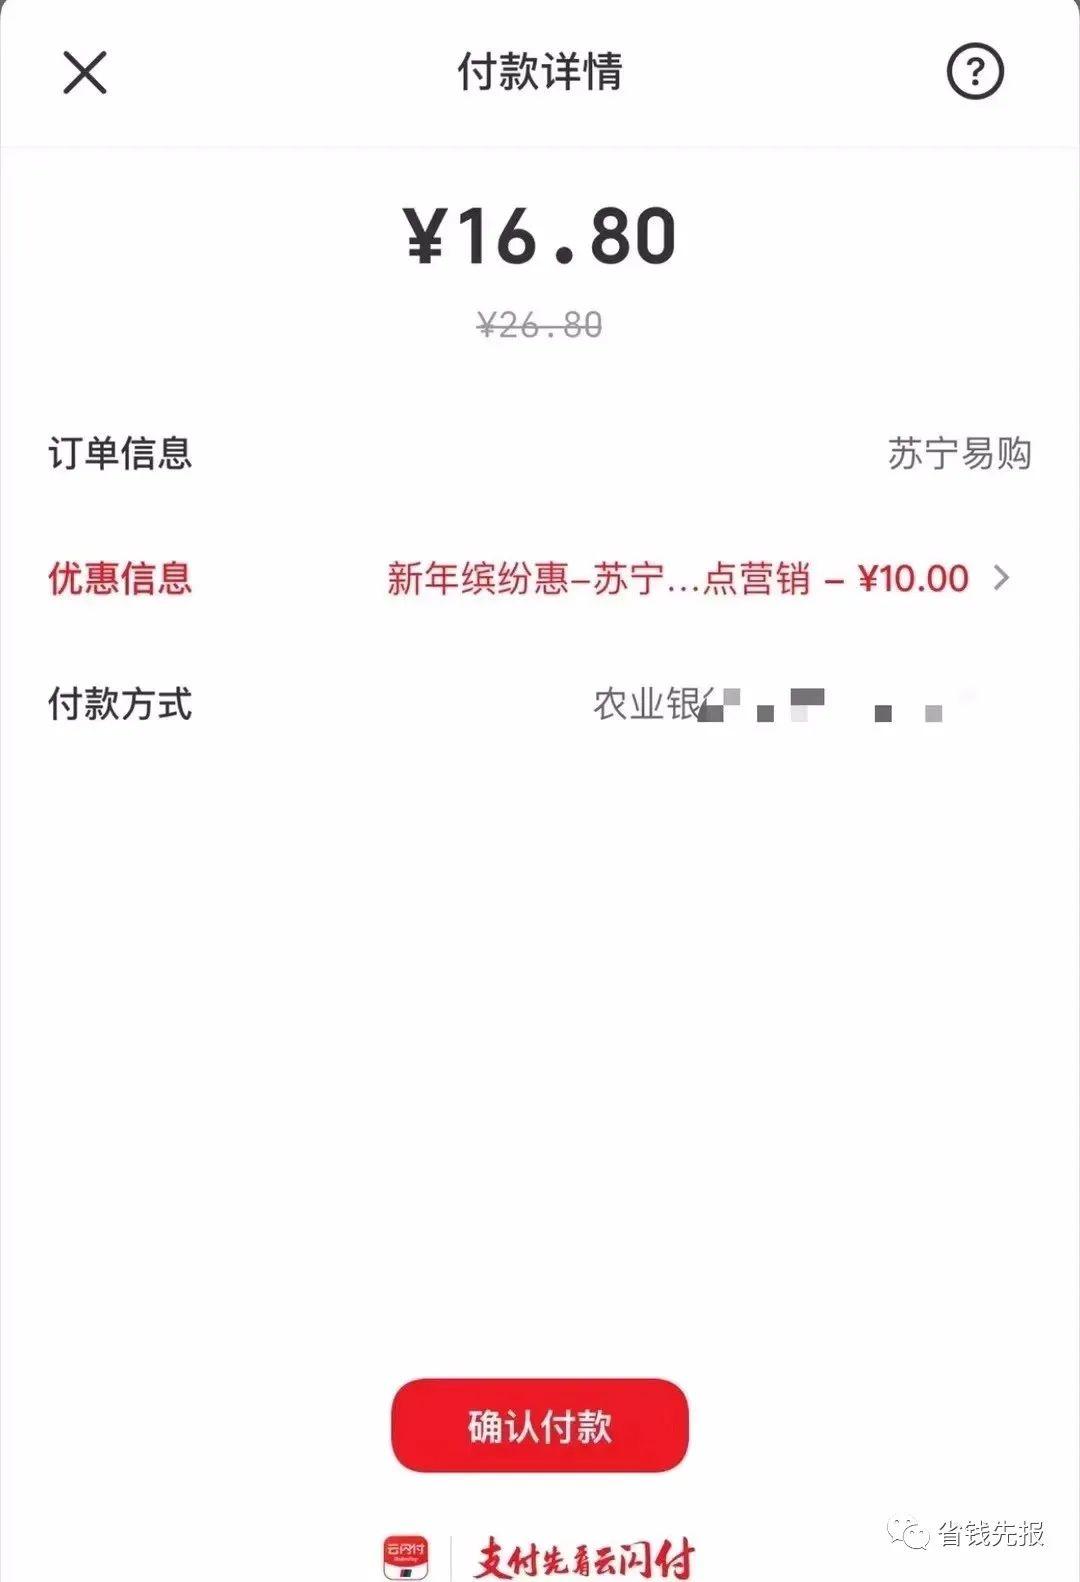 苏宁易购APP支付立减15+10+10+20元,可以多重叠加!